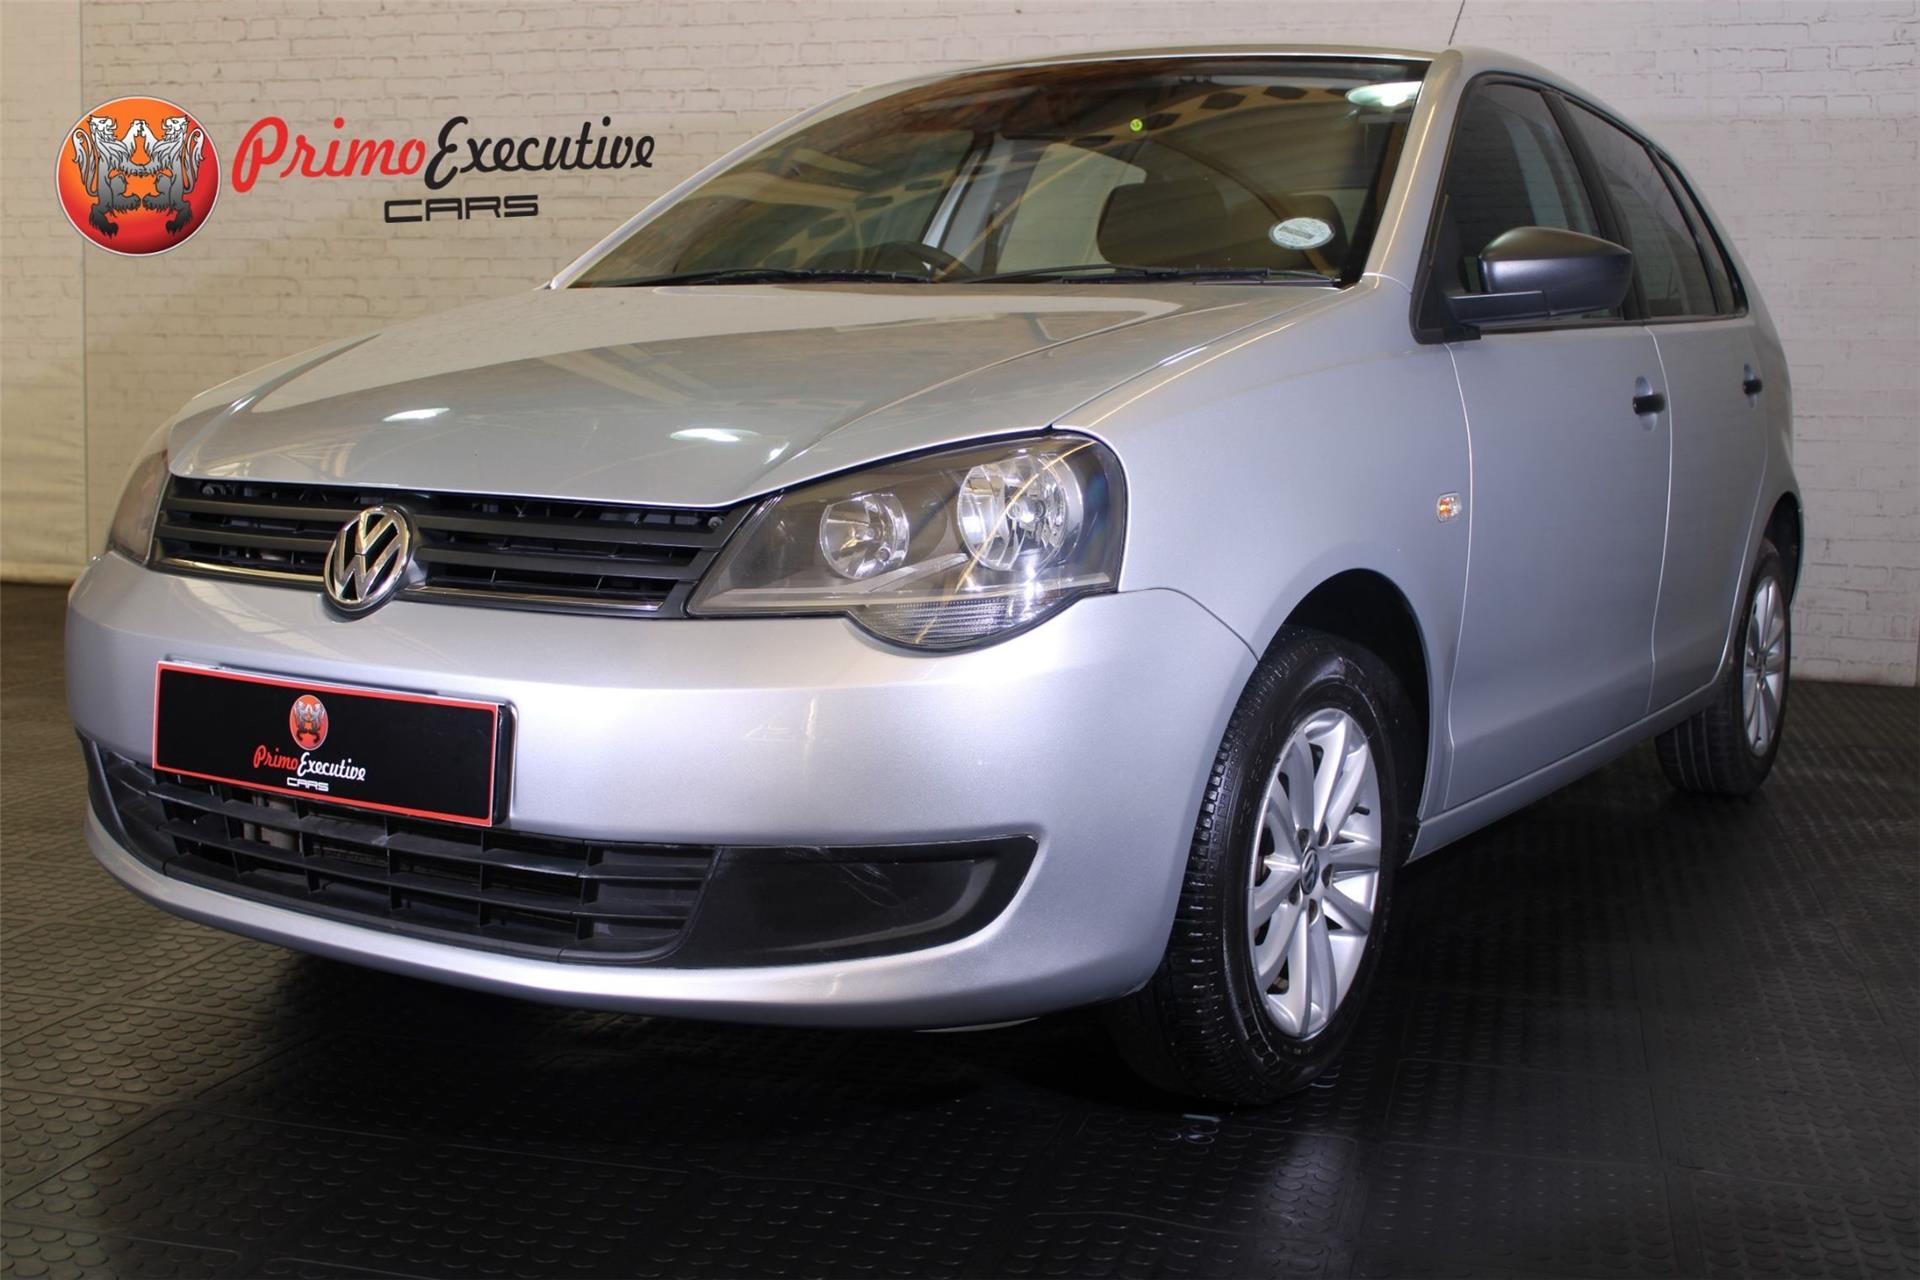 Volkswagen Polo Vivo Hatch 1.4 Conceptline